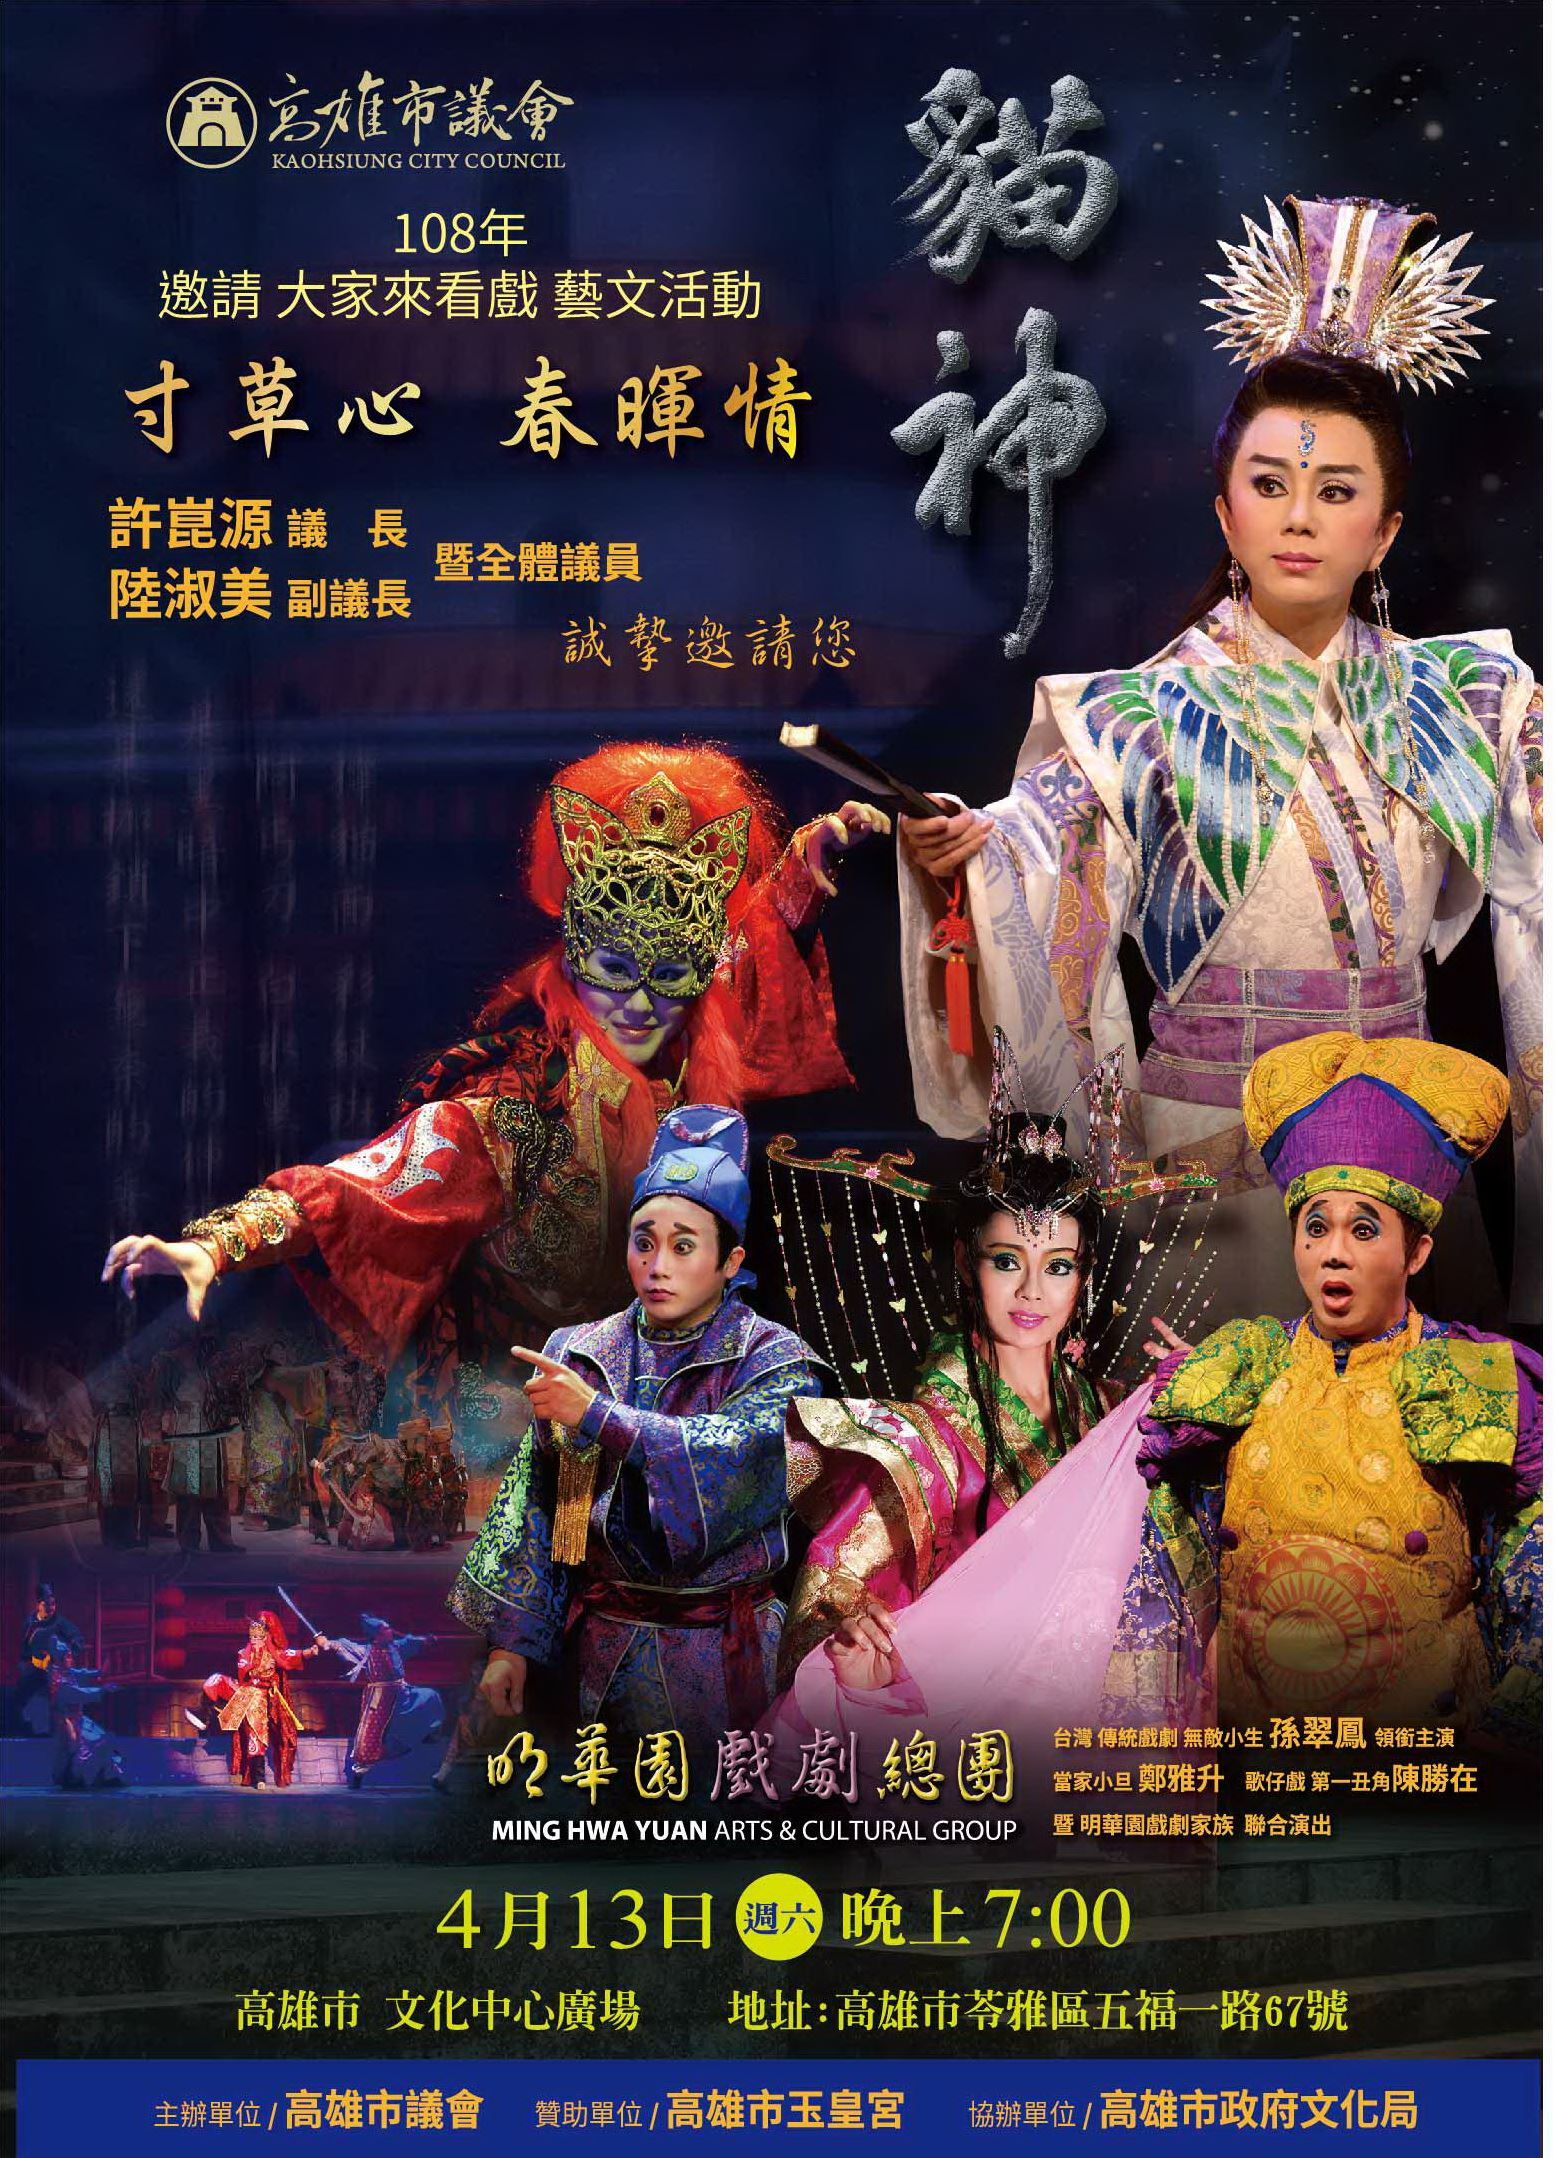 提前陪同市民歡度母親節,本會訂4月 13日邀請明華園戲劇總團表演「貓神」